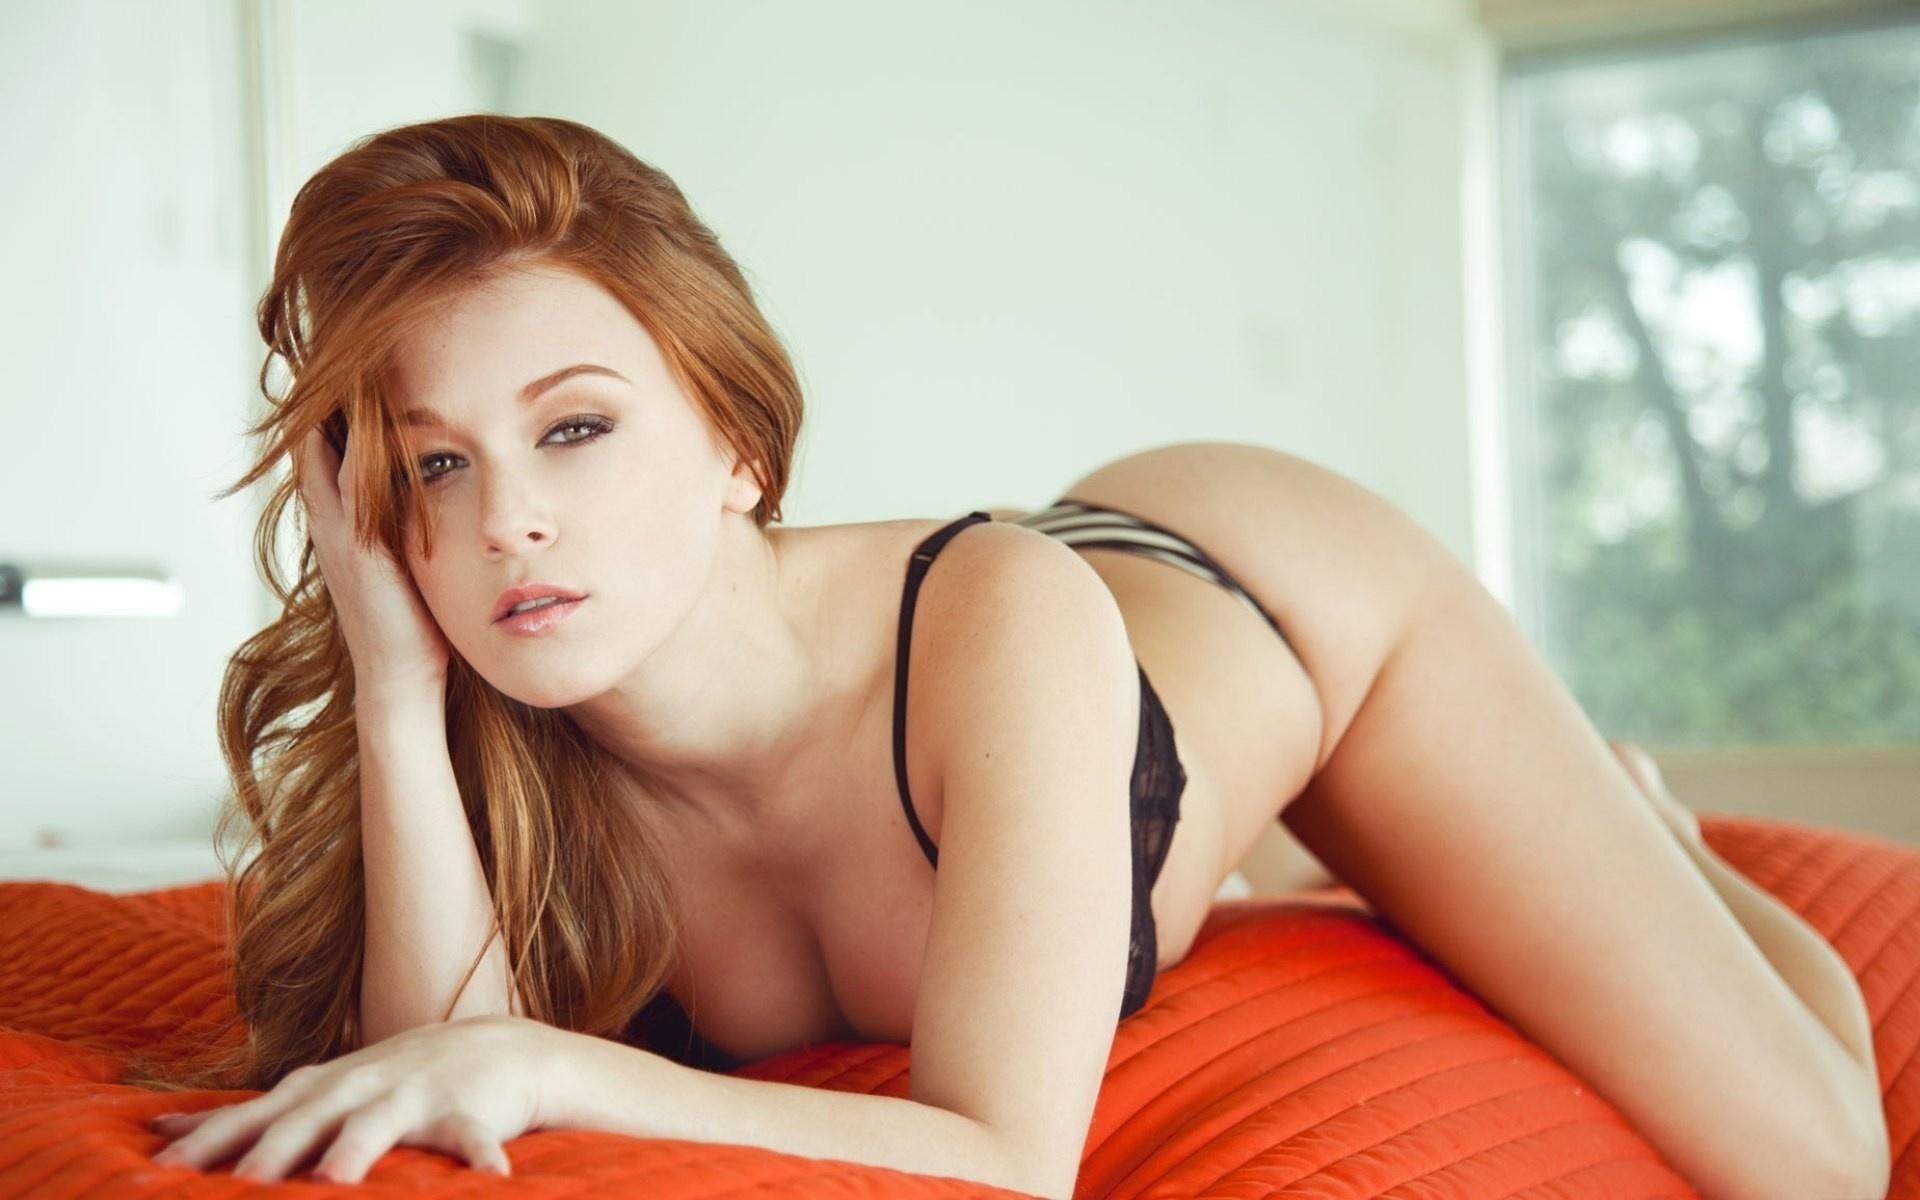 Эротическое фото рыжих, Рыжие порно секс фото, секс с рыжимы девахами 22 фотография